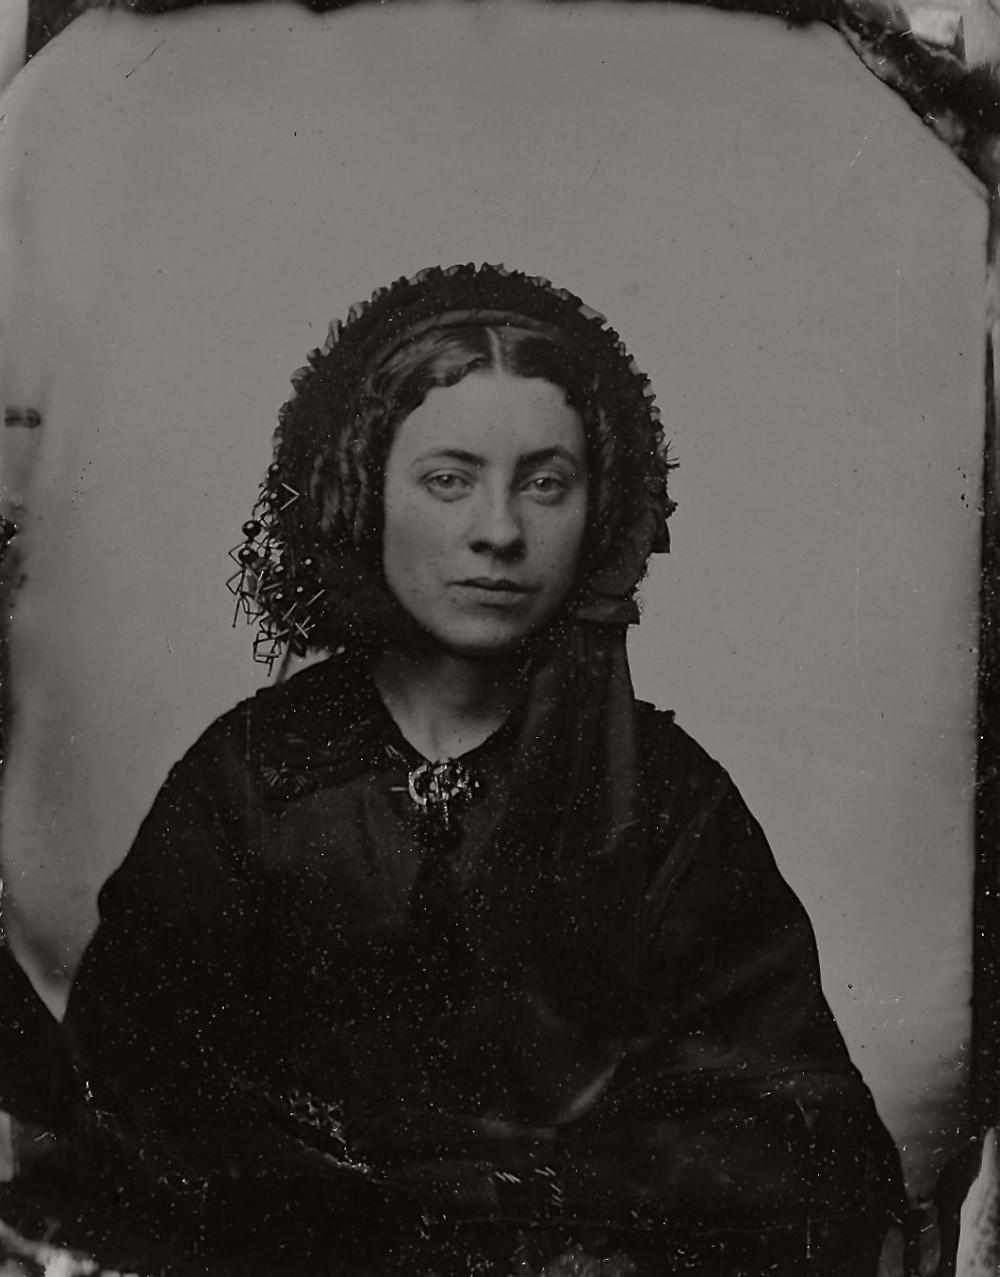 Очень страшно: старинные дагеротипы вдов викторианской эпохи в трауре